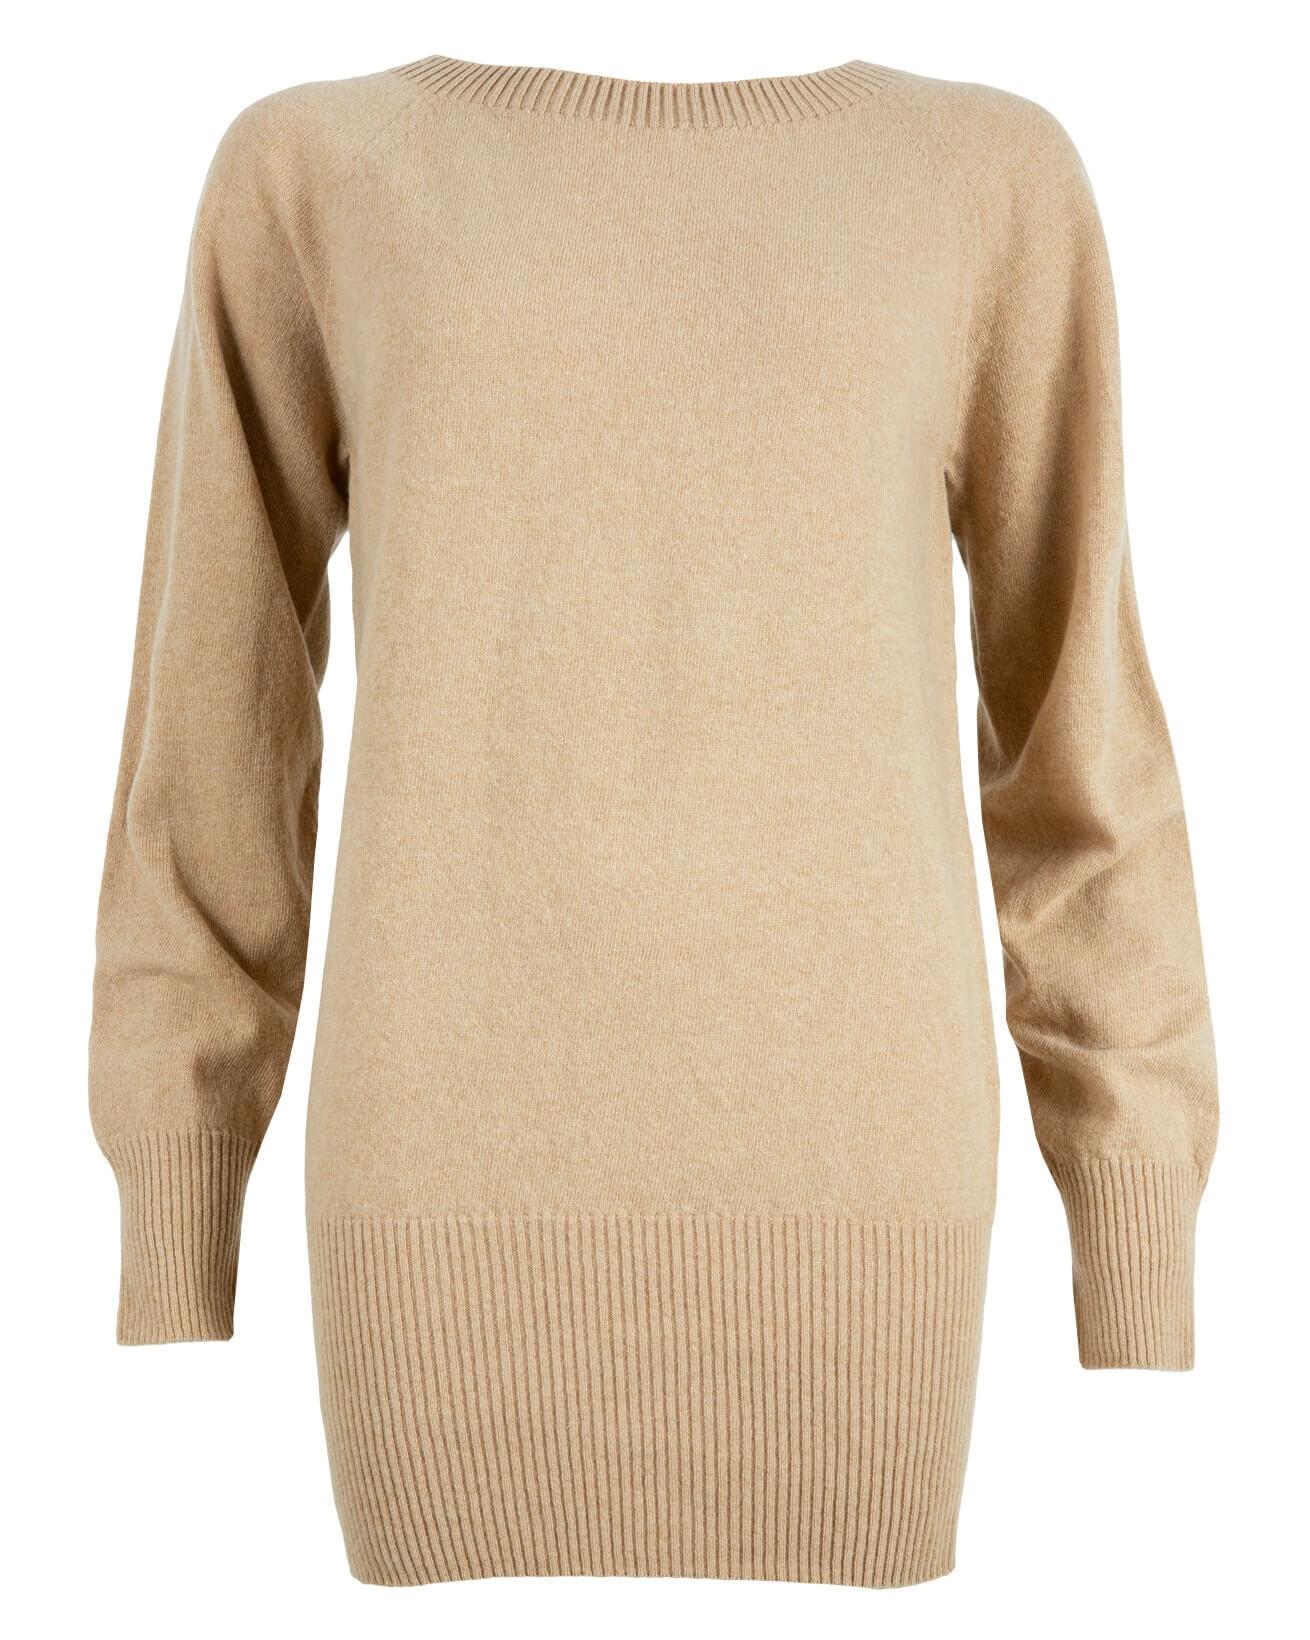 6344-super-soft-slouch-jumper-camel-front_comp.jpg